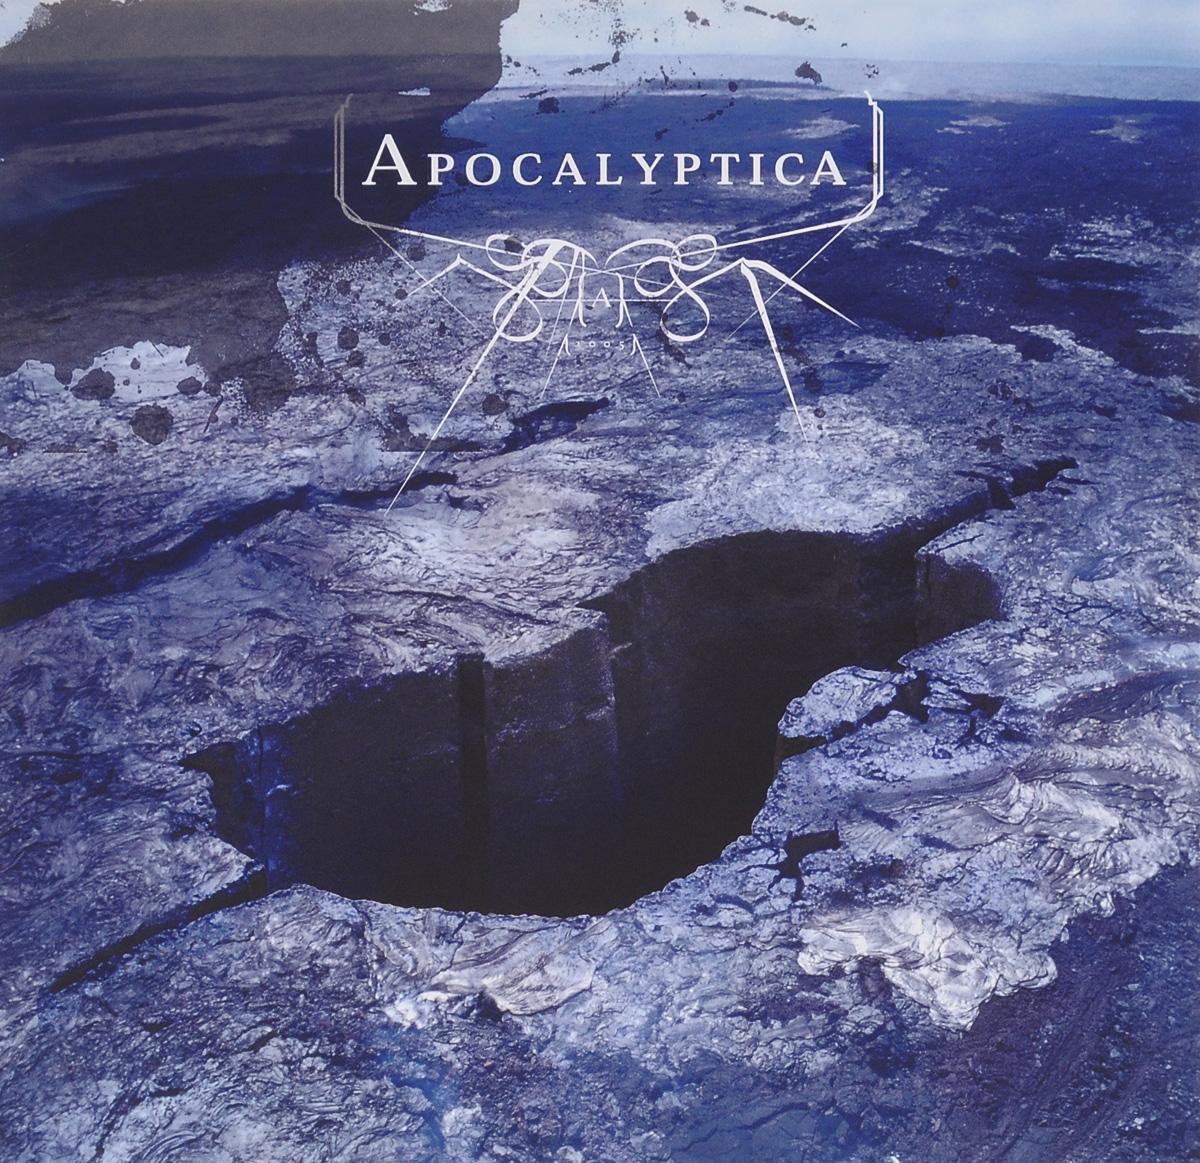 Apocalyptica Apocalyptica. Apocalyptica (2 LP + CD) phil collins singles 4 lp